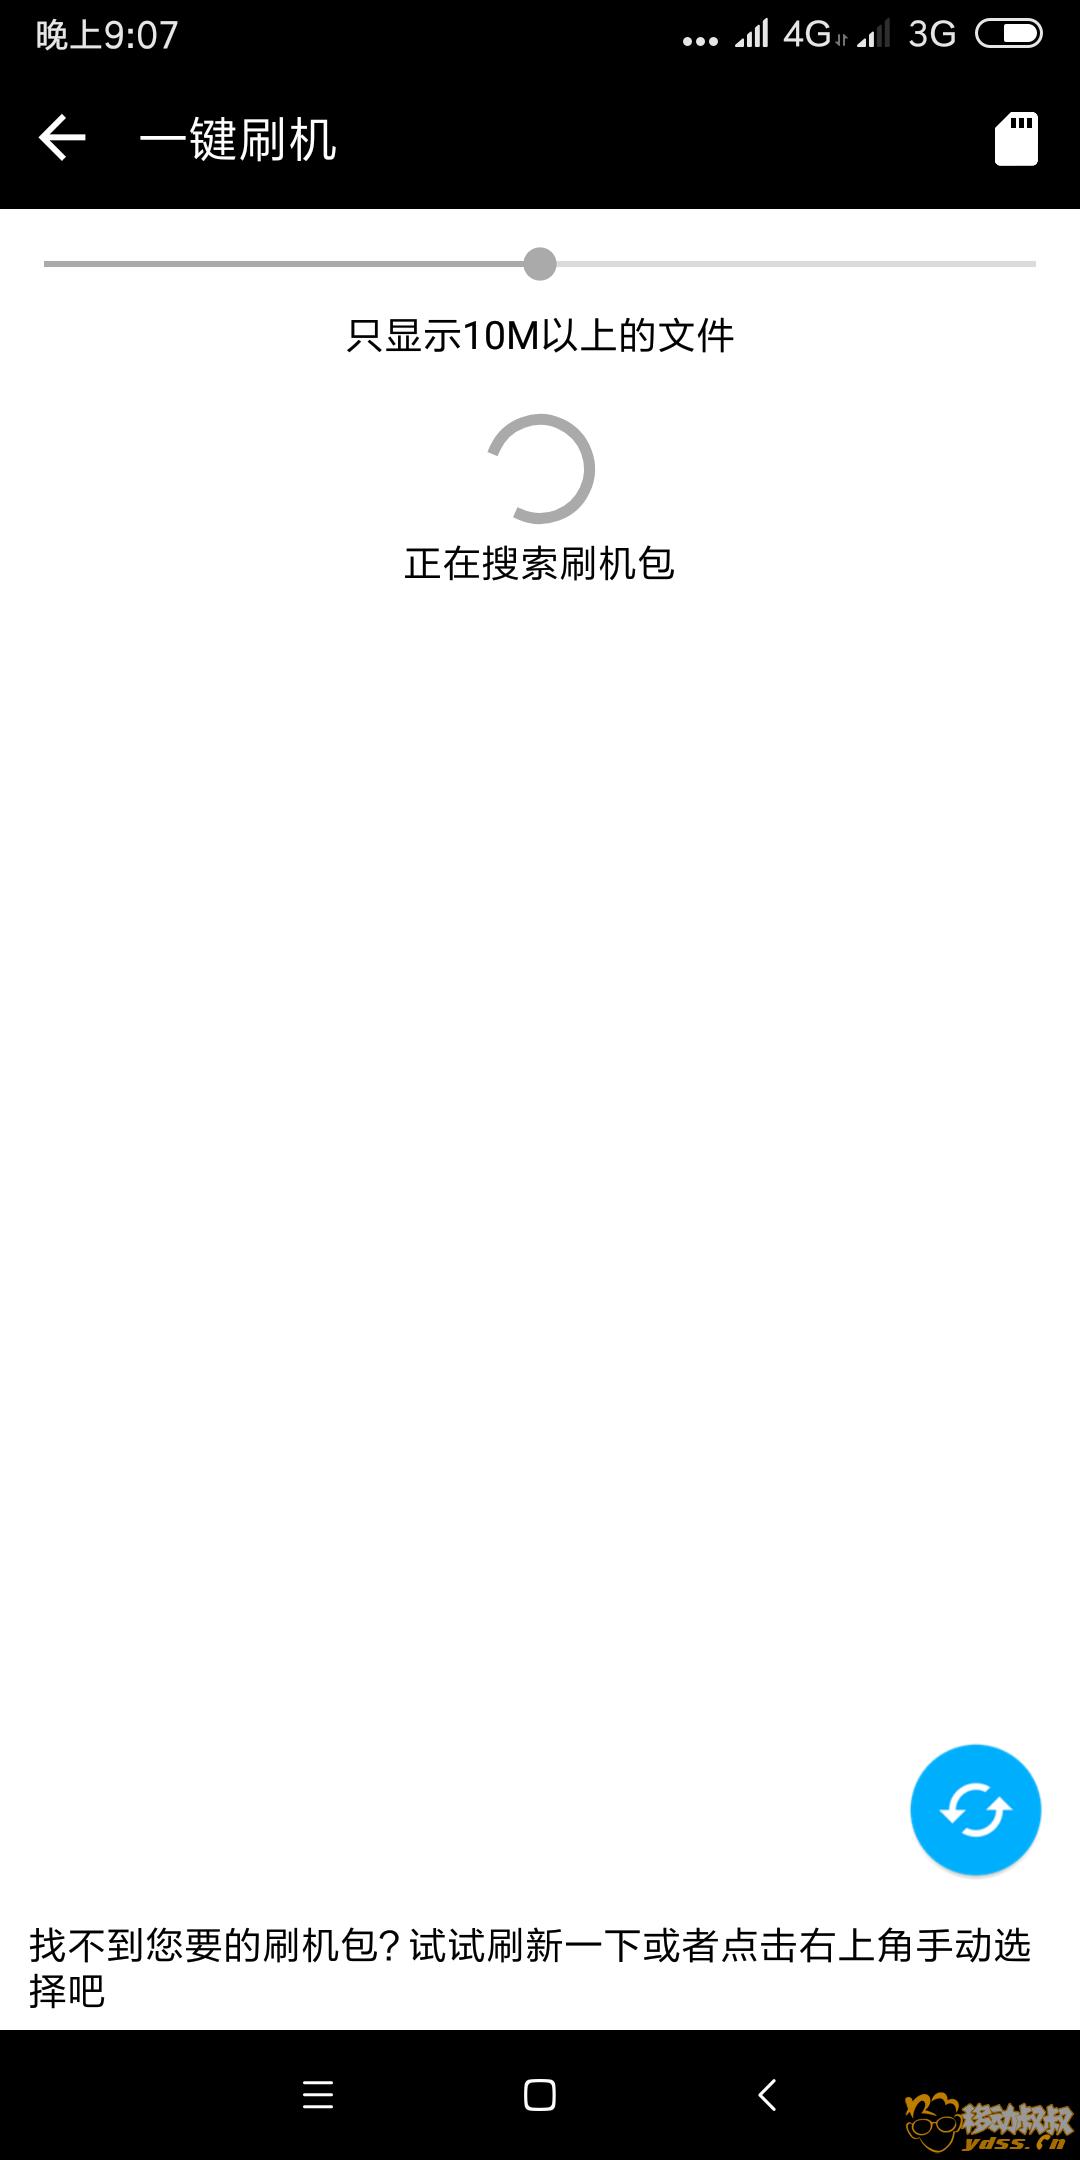 Screenshot_2018-06-02-21-07-32-438_com.grimos.tools.png